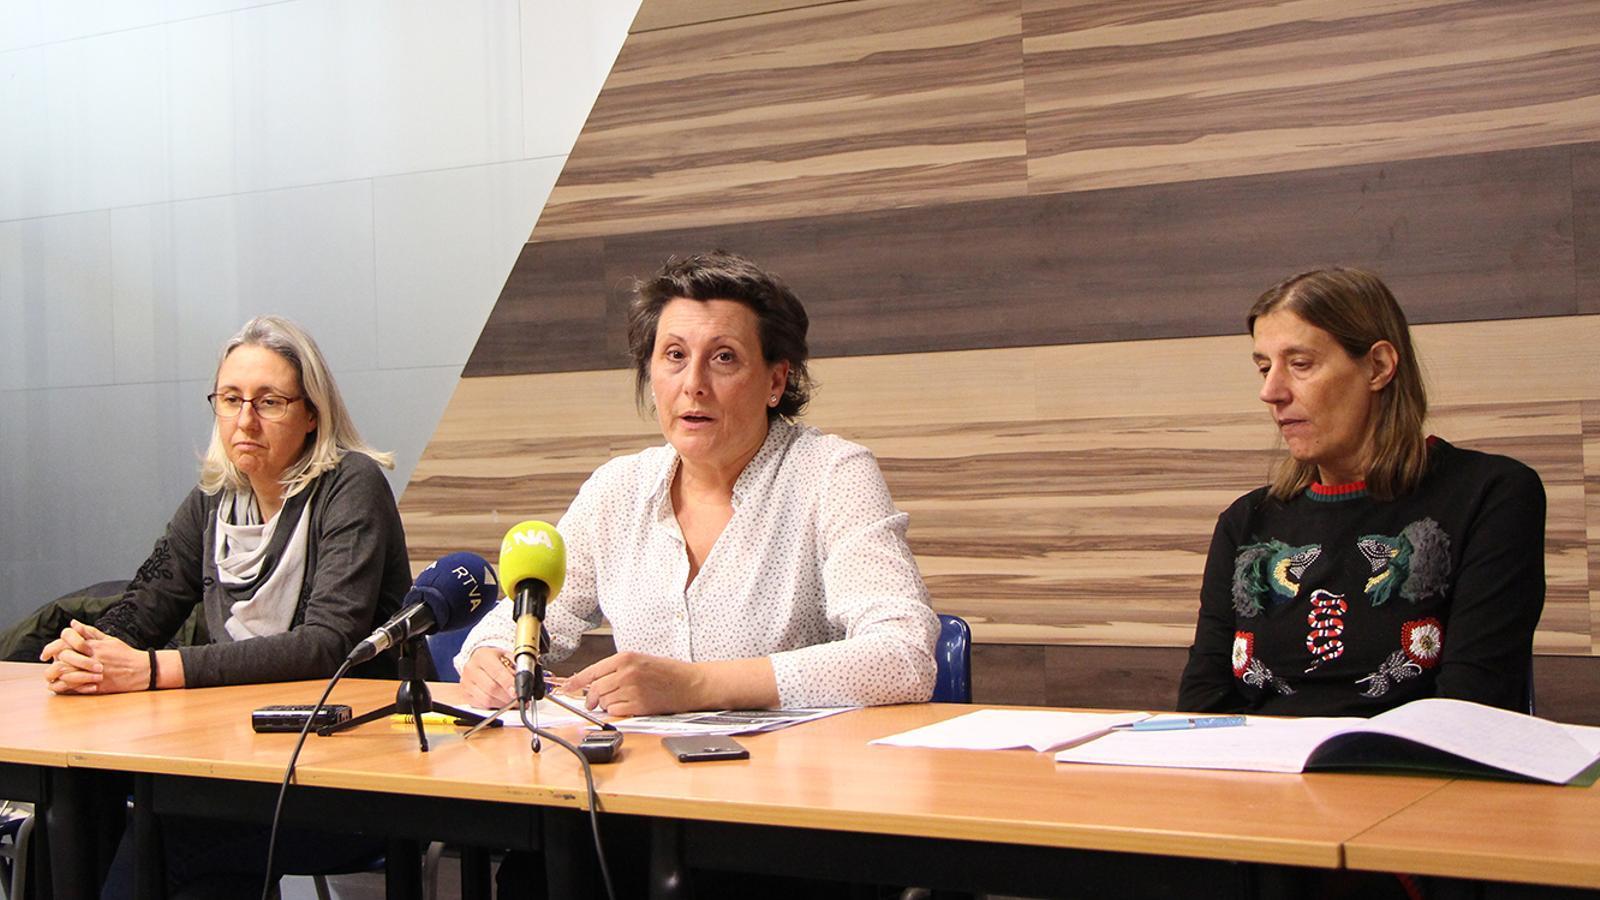 La presidenta del Sindicat de treballadors del comú d'Andorra la Vella, Emi Matarrodona, al centre, durant la roda de premsa d'aquest dimecres. / M. F. (ANA)